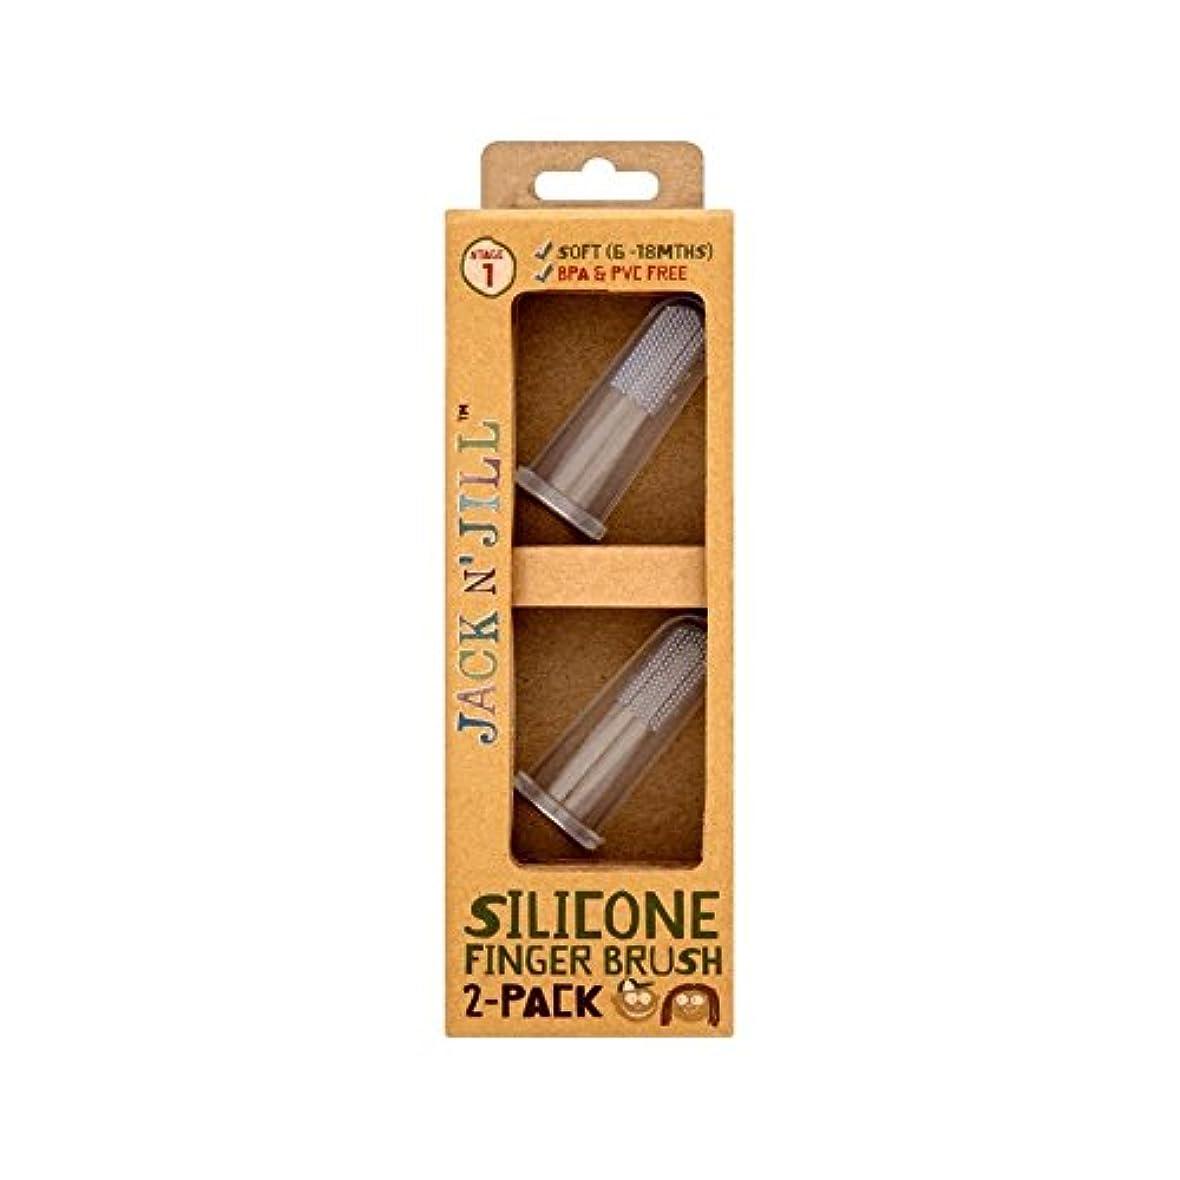 変形哲学博士気配りのあるシリコーン指ブラシ2パックあたりパック2 (Jack N Jill) (x 6) - Jack N' Jill Silicone Finger Brush 2 Pack 2 per pack (Pack of 6) [並行輸入品]